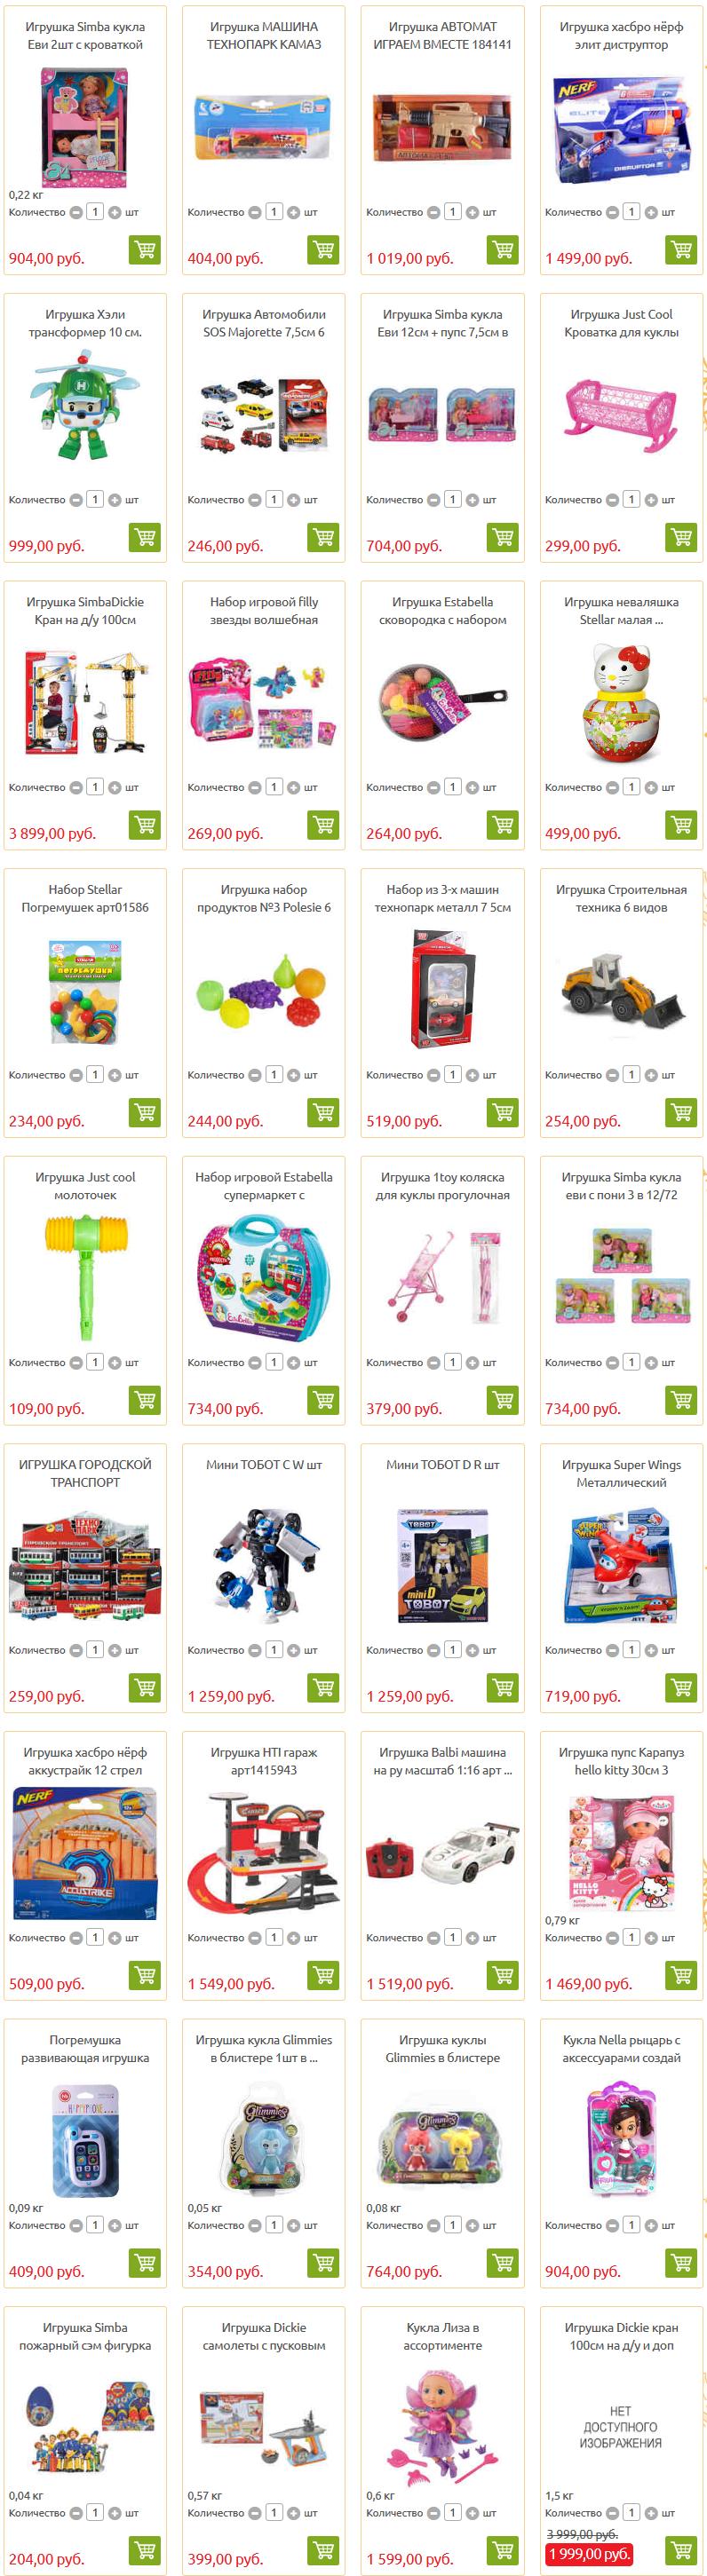 Детские игрушки в магазине Окей